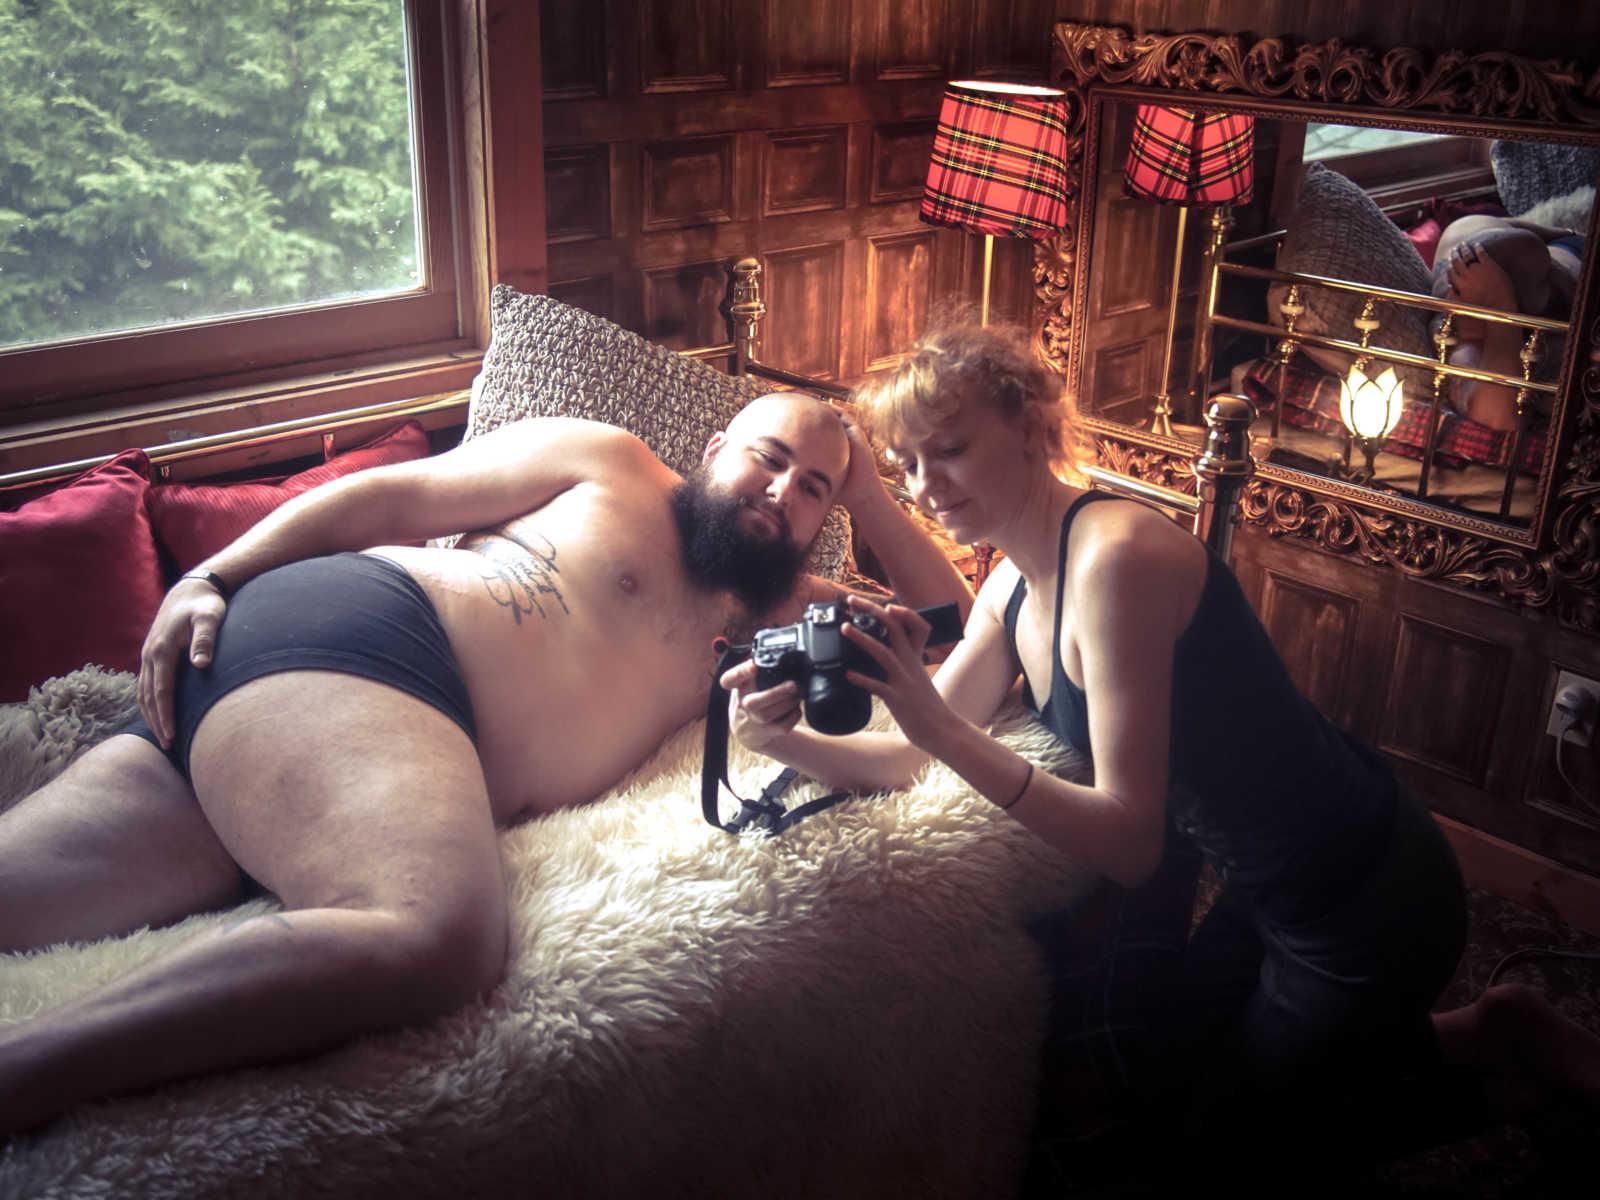 Marido faz ensaio fotográfico hilário para animar esposa que está com câncer 11